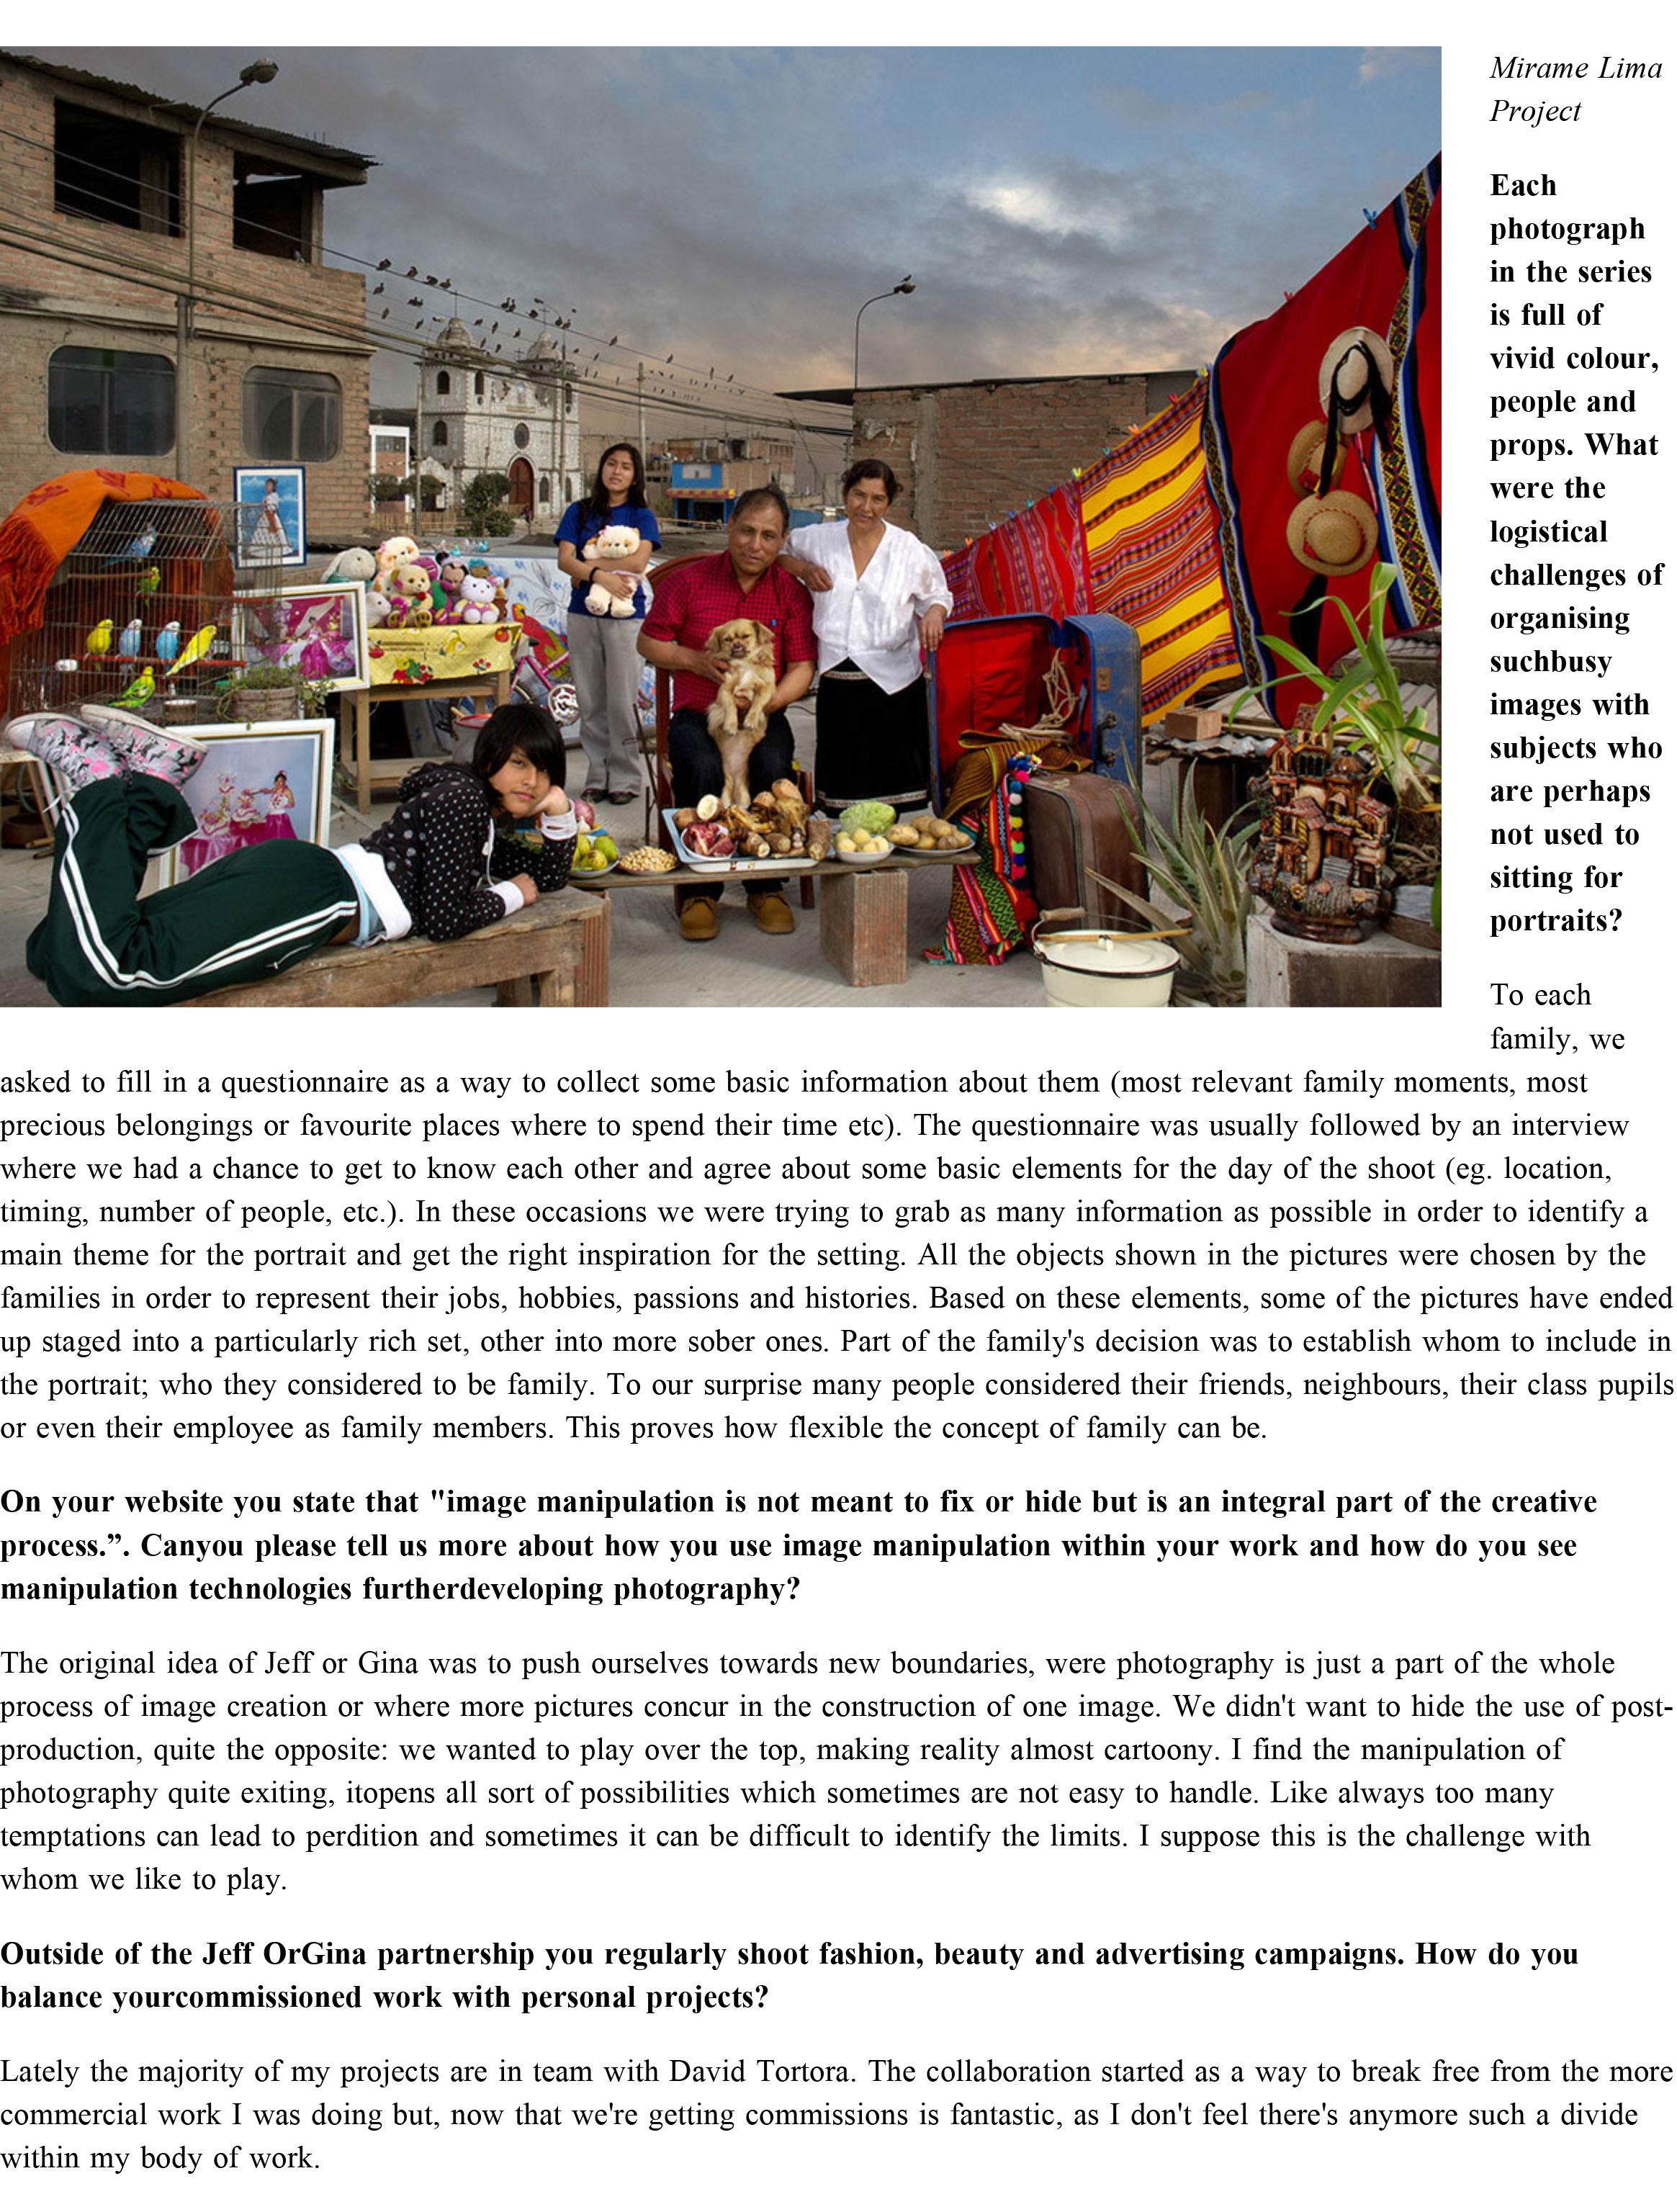 _Jaime-Travezan-'Proyecto-Mirame,-Lima'-5.jpg